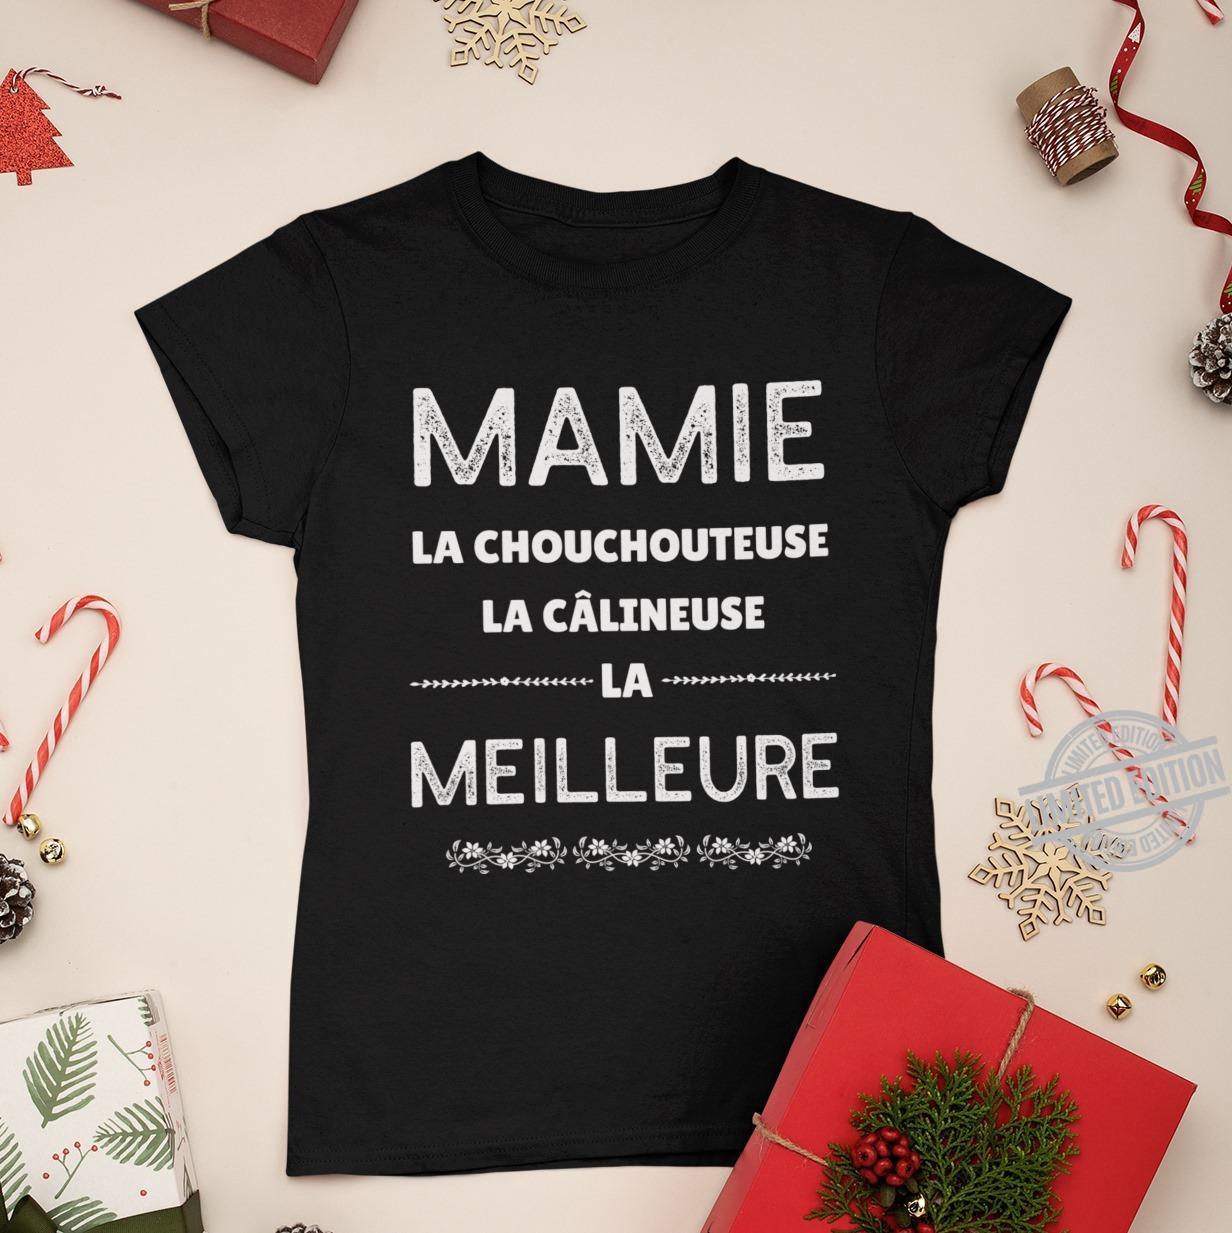 Mamie La Chouchouteuse La Calineuse La Meilleure Shirt